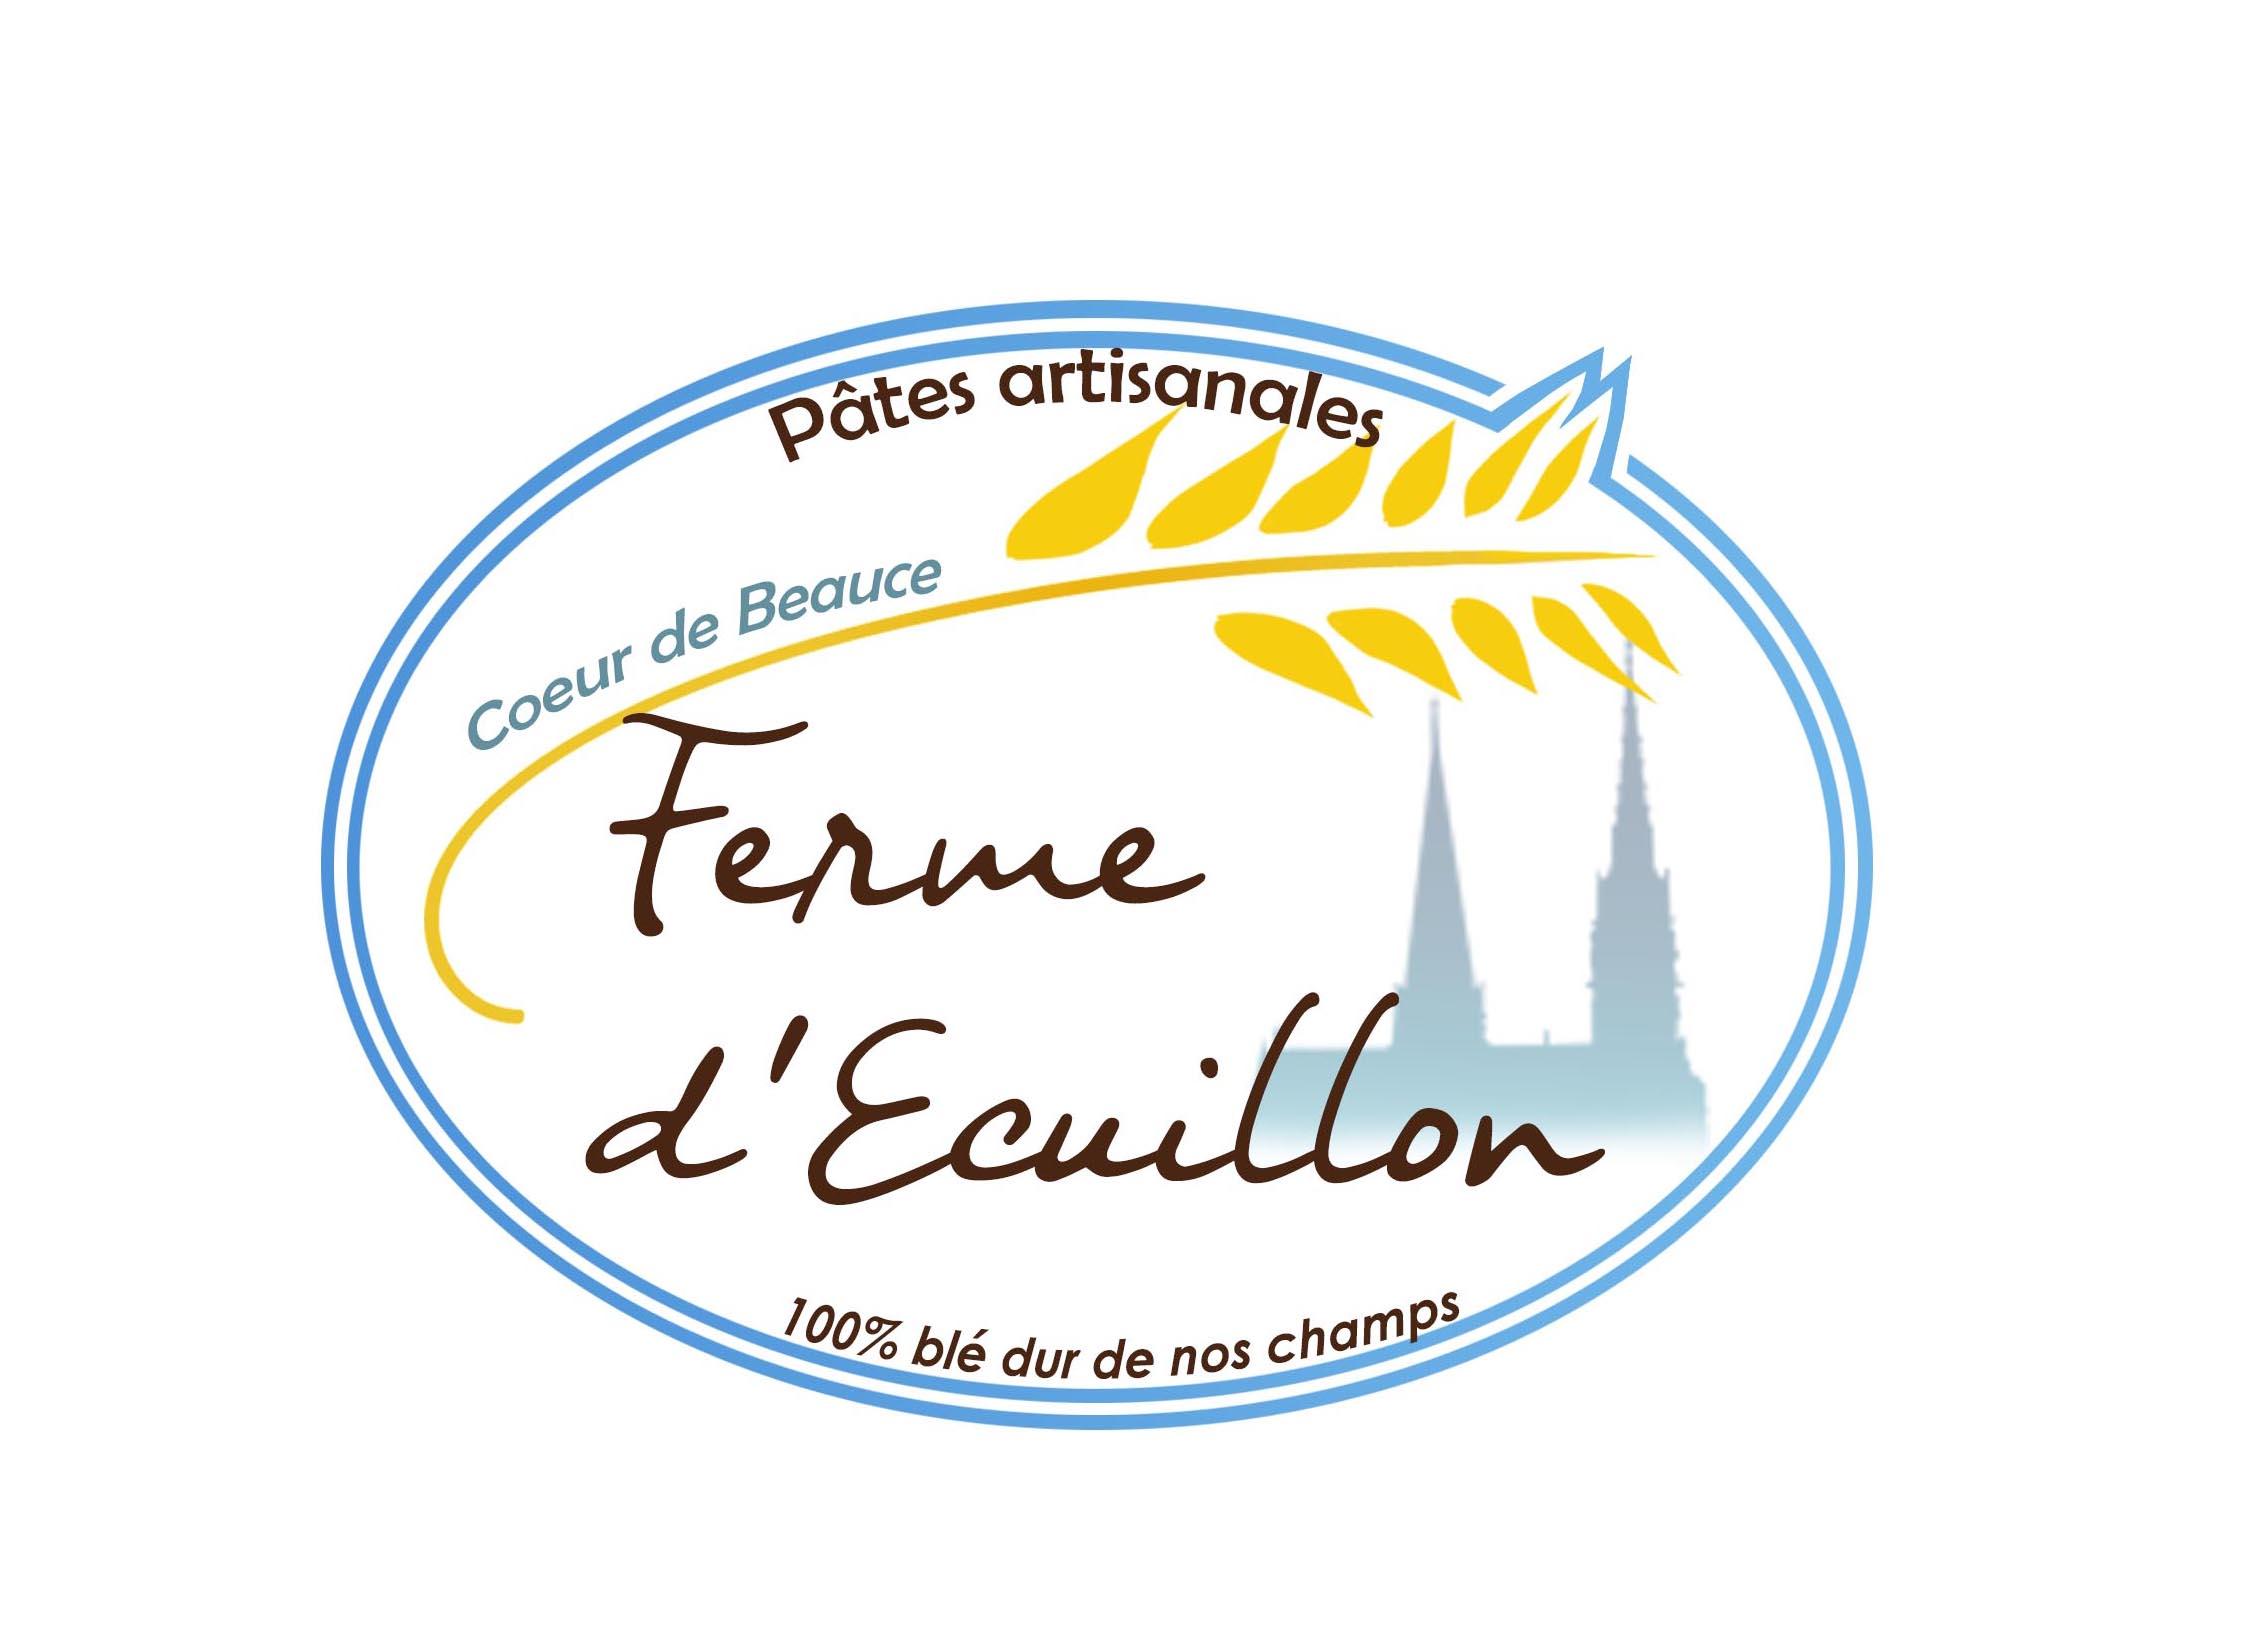 ferme_d_ecuillon_logo